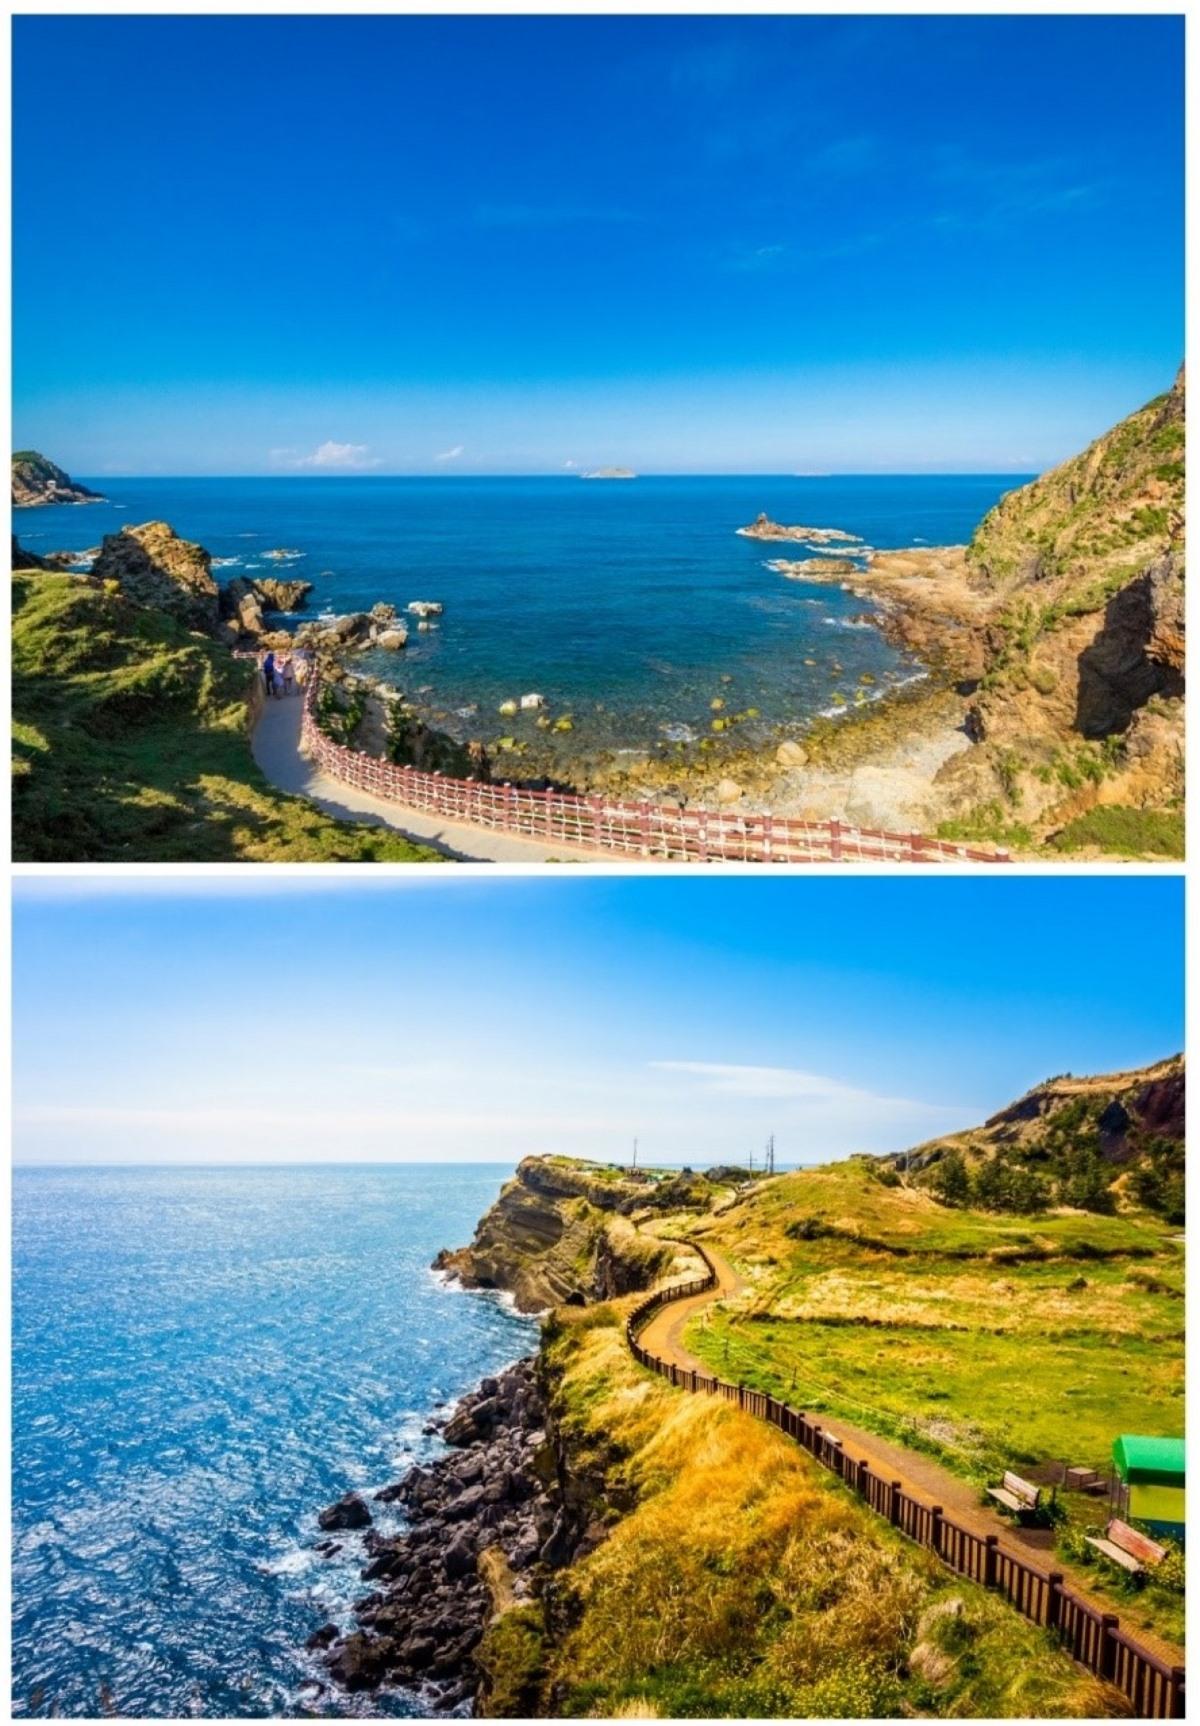 Con đường đi bộ ven biển ở Eo Gió (trên) và đảo Jeju, Hàn Quốc (dưới)